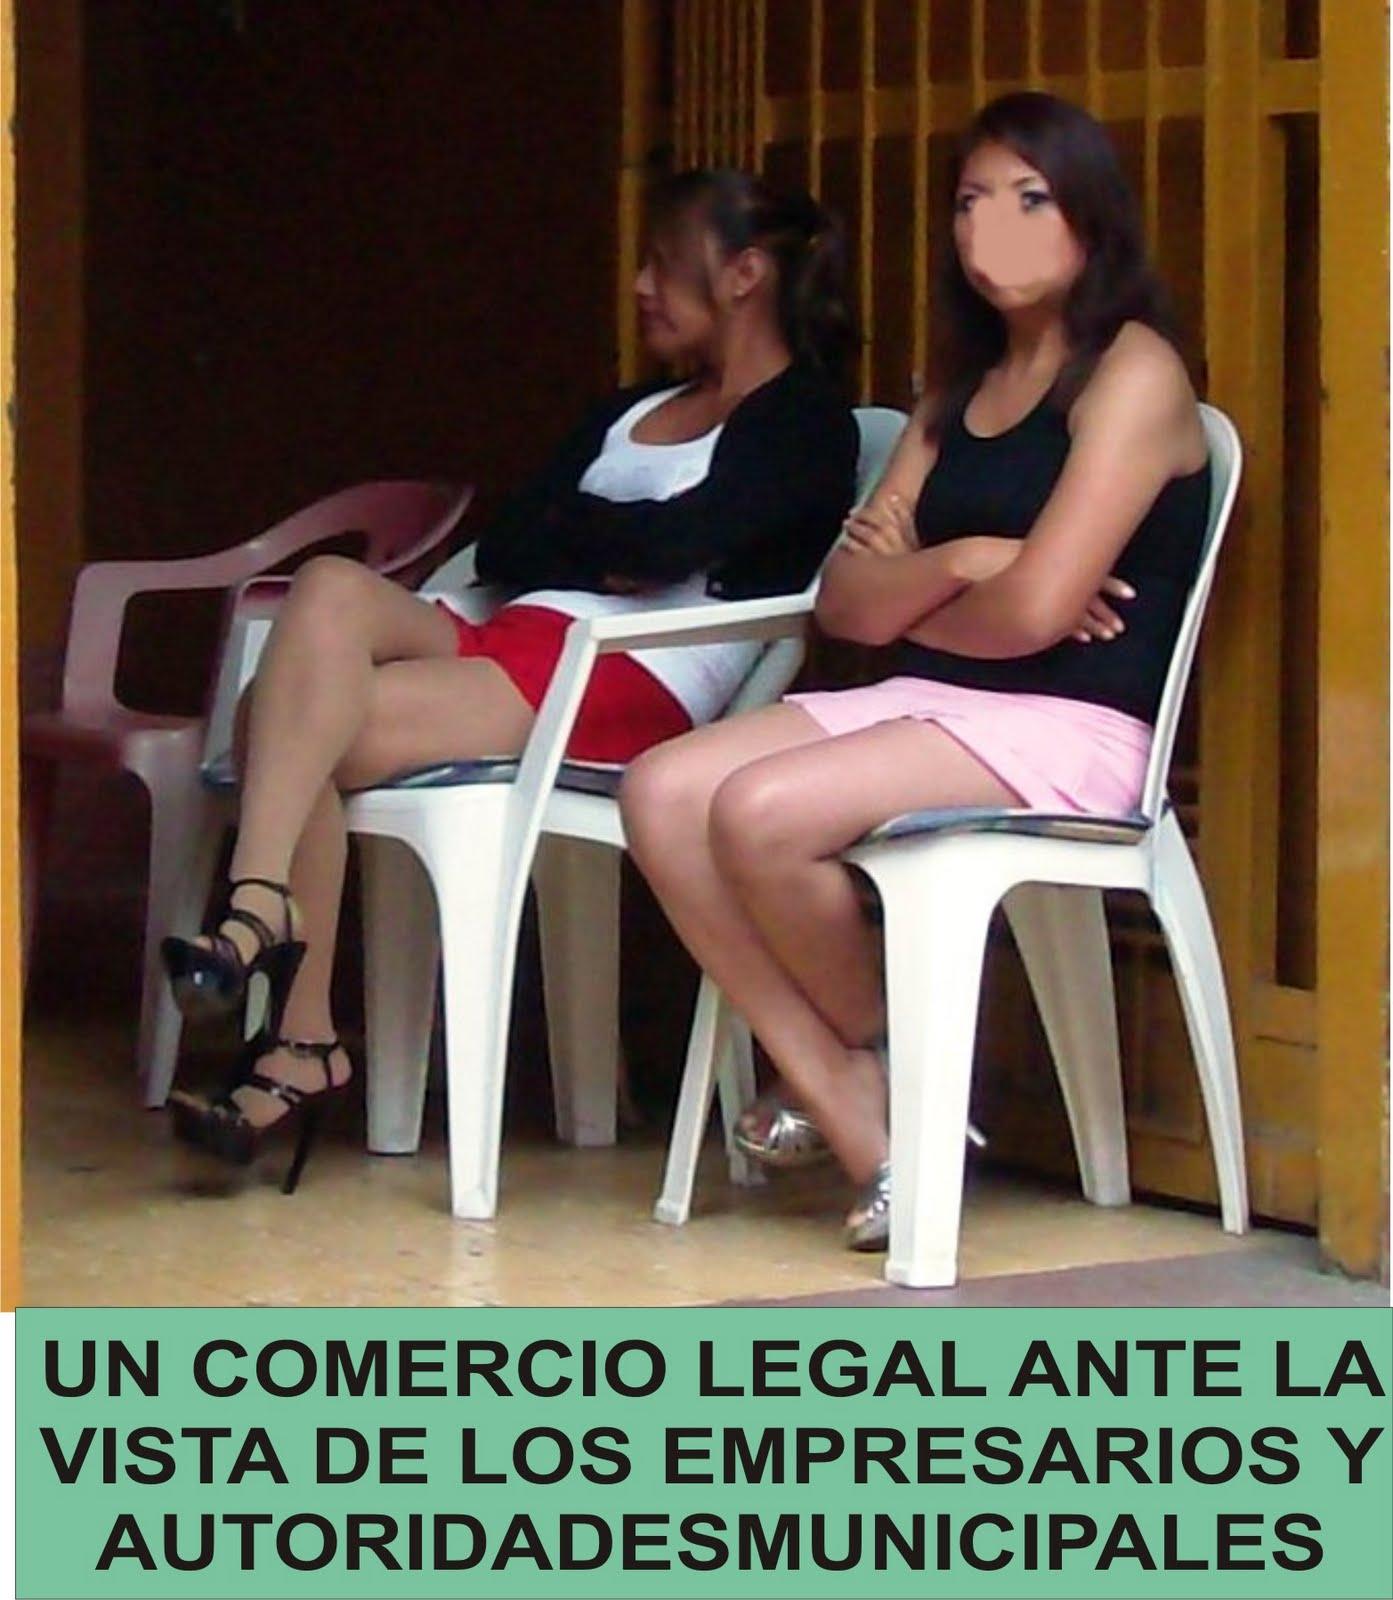 follando prostitutas callejeras zonas de prostitutas en cordoba